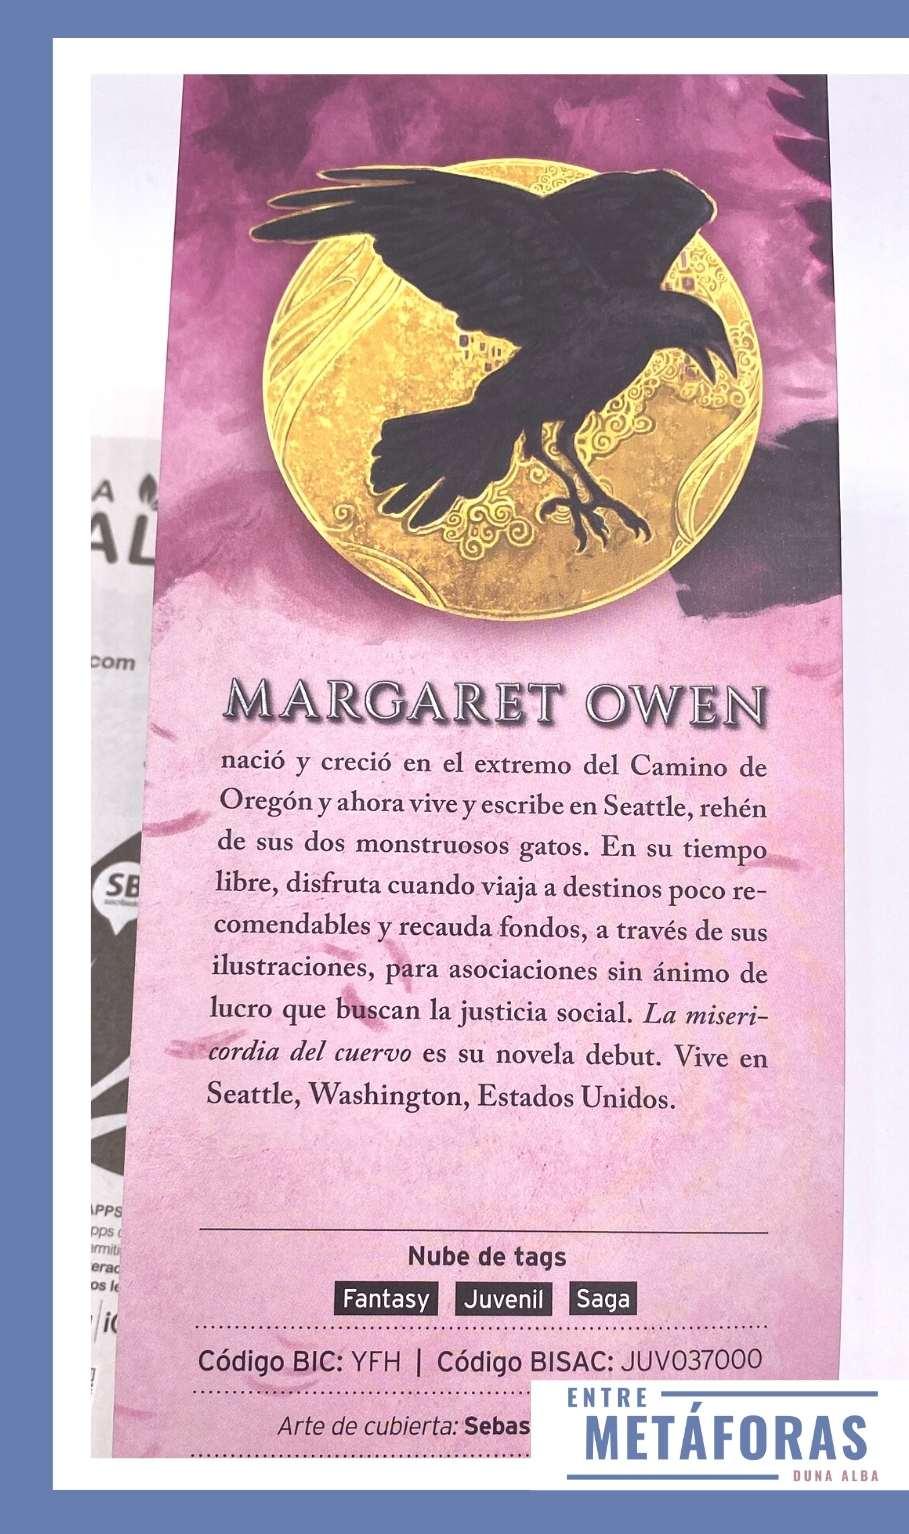 La misericordia del cuervo, de Margaret Owen